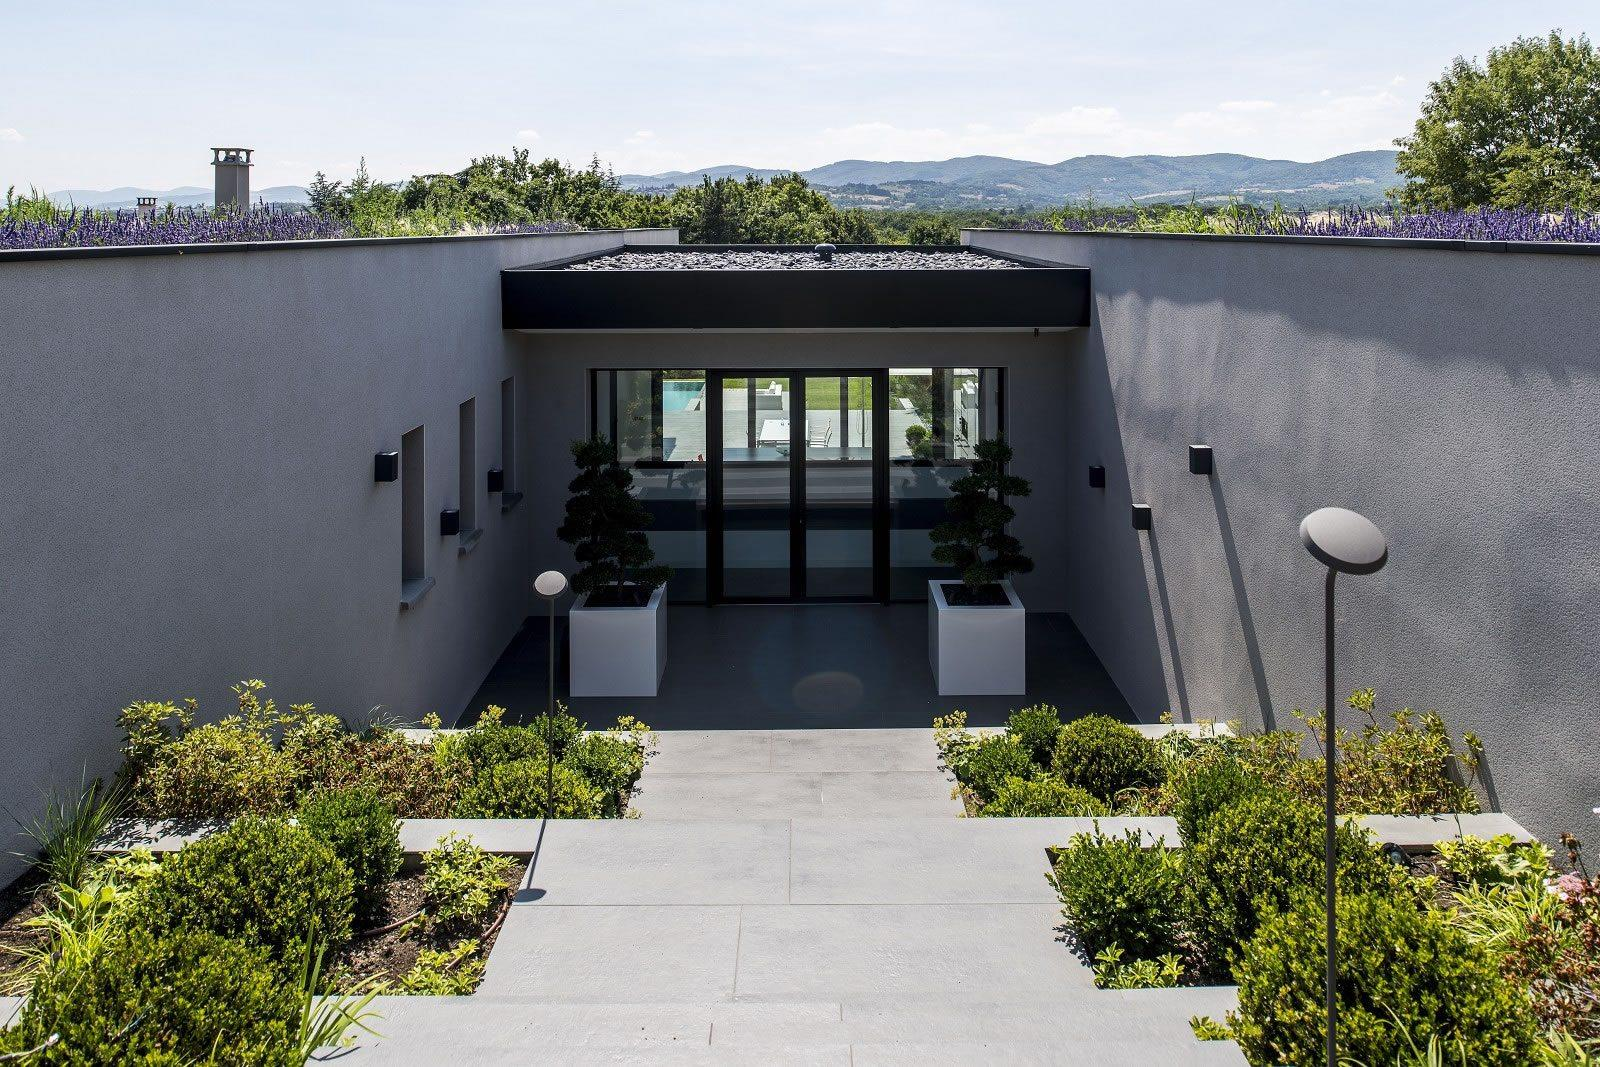 maison-contemporaine-exceptionnelle-a-vendre-charbonnieres-les-bains-cave-buanderie-garage-velos-jardin-paysager-piscine